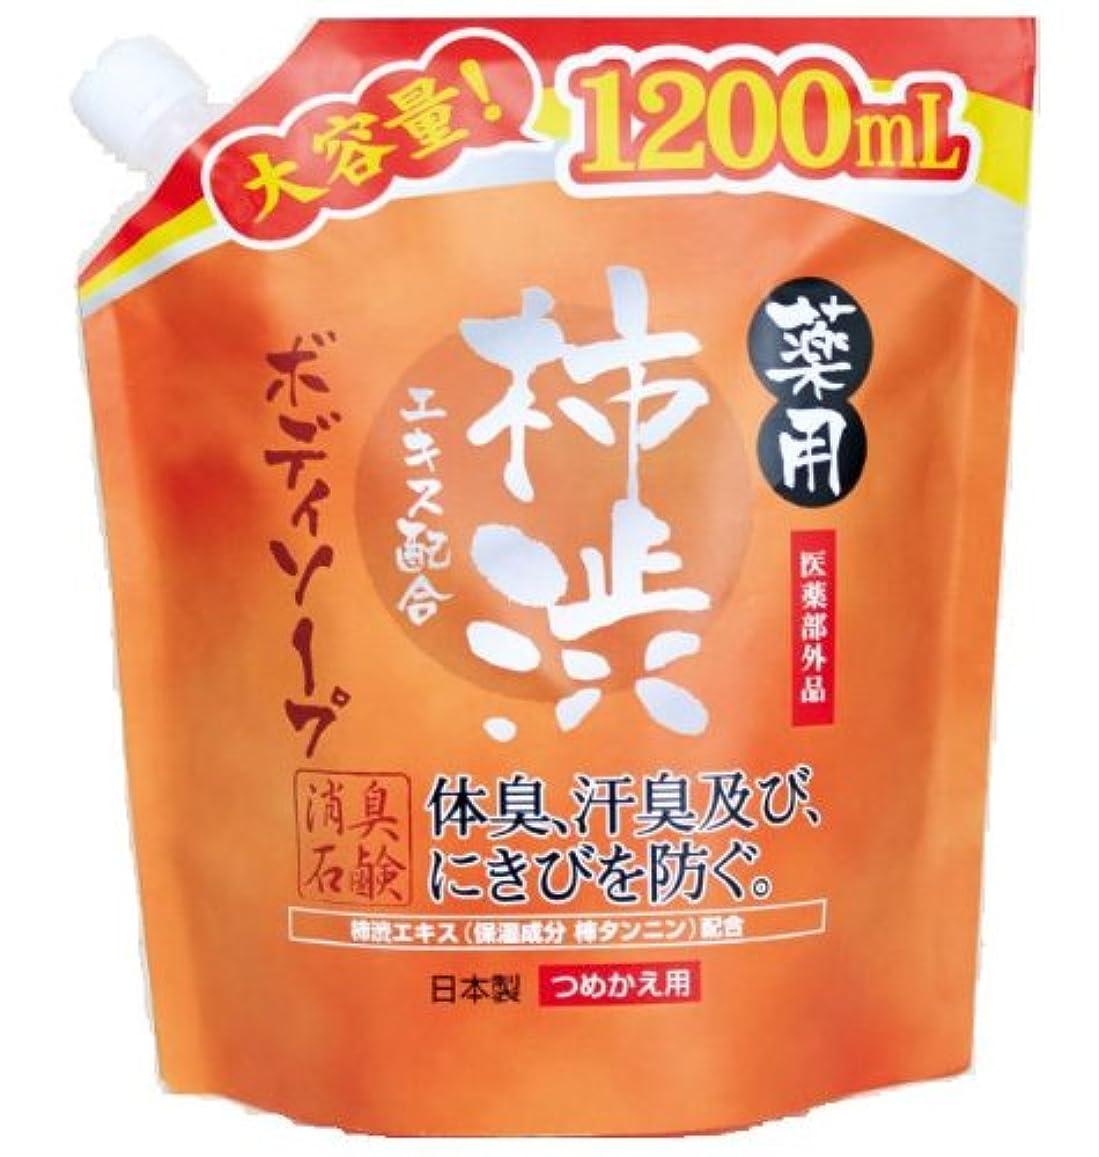 発音親愛な非難する薬用柿渋 ボディソープ 大容量 (つめかえ用) 1200mL 【医薬部外品】